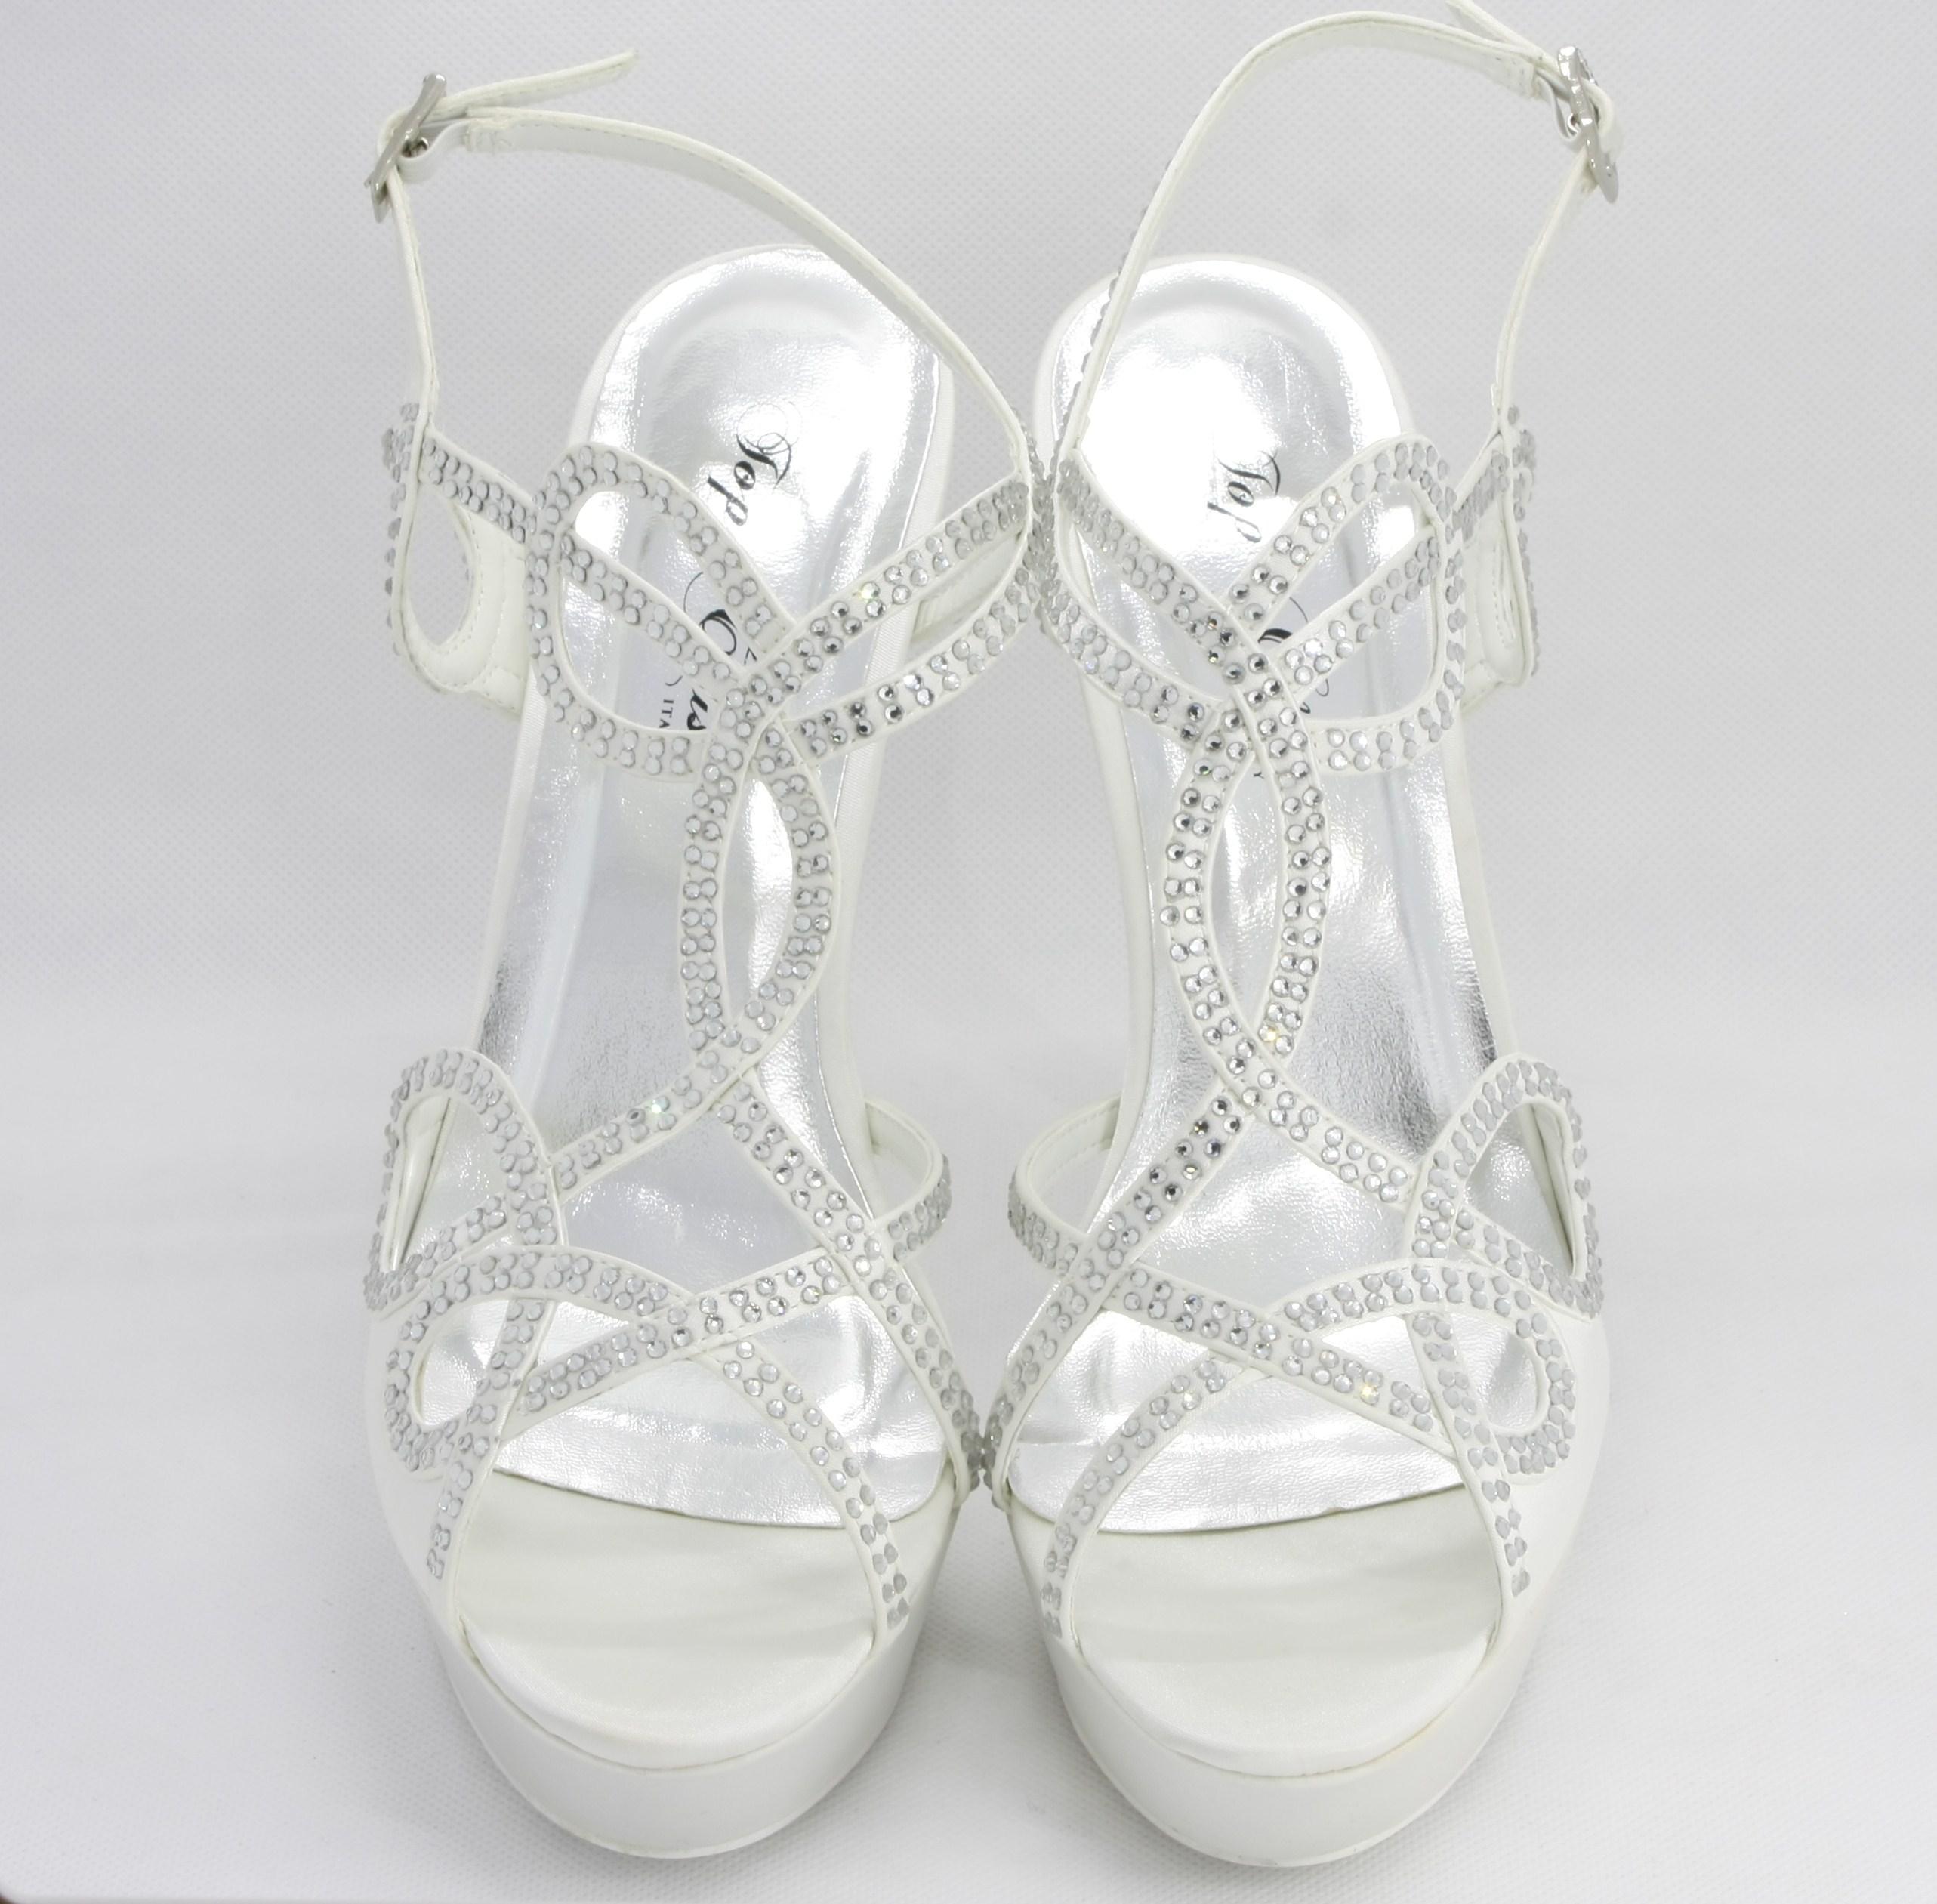 Sandalo elegante cerimonia donna e sposa in tessuto di raso con applicazioni di cristalli e cinghietta regolabile Art. H13113SARASF0200P12